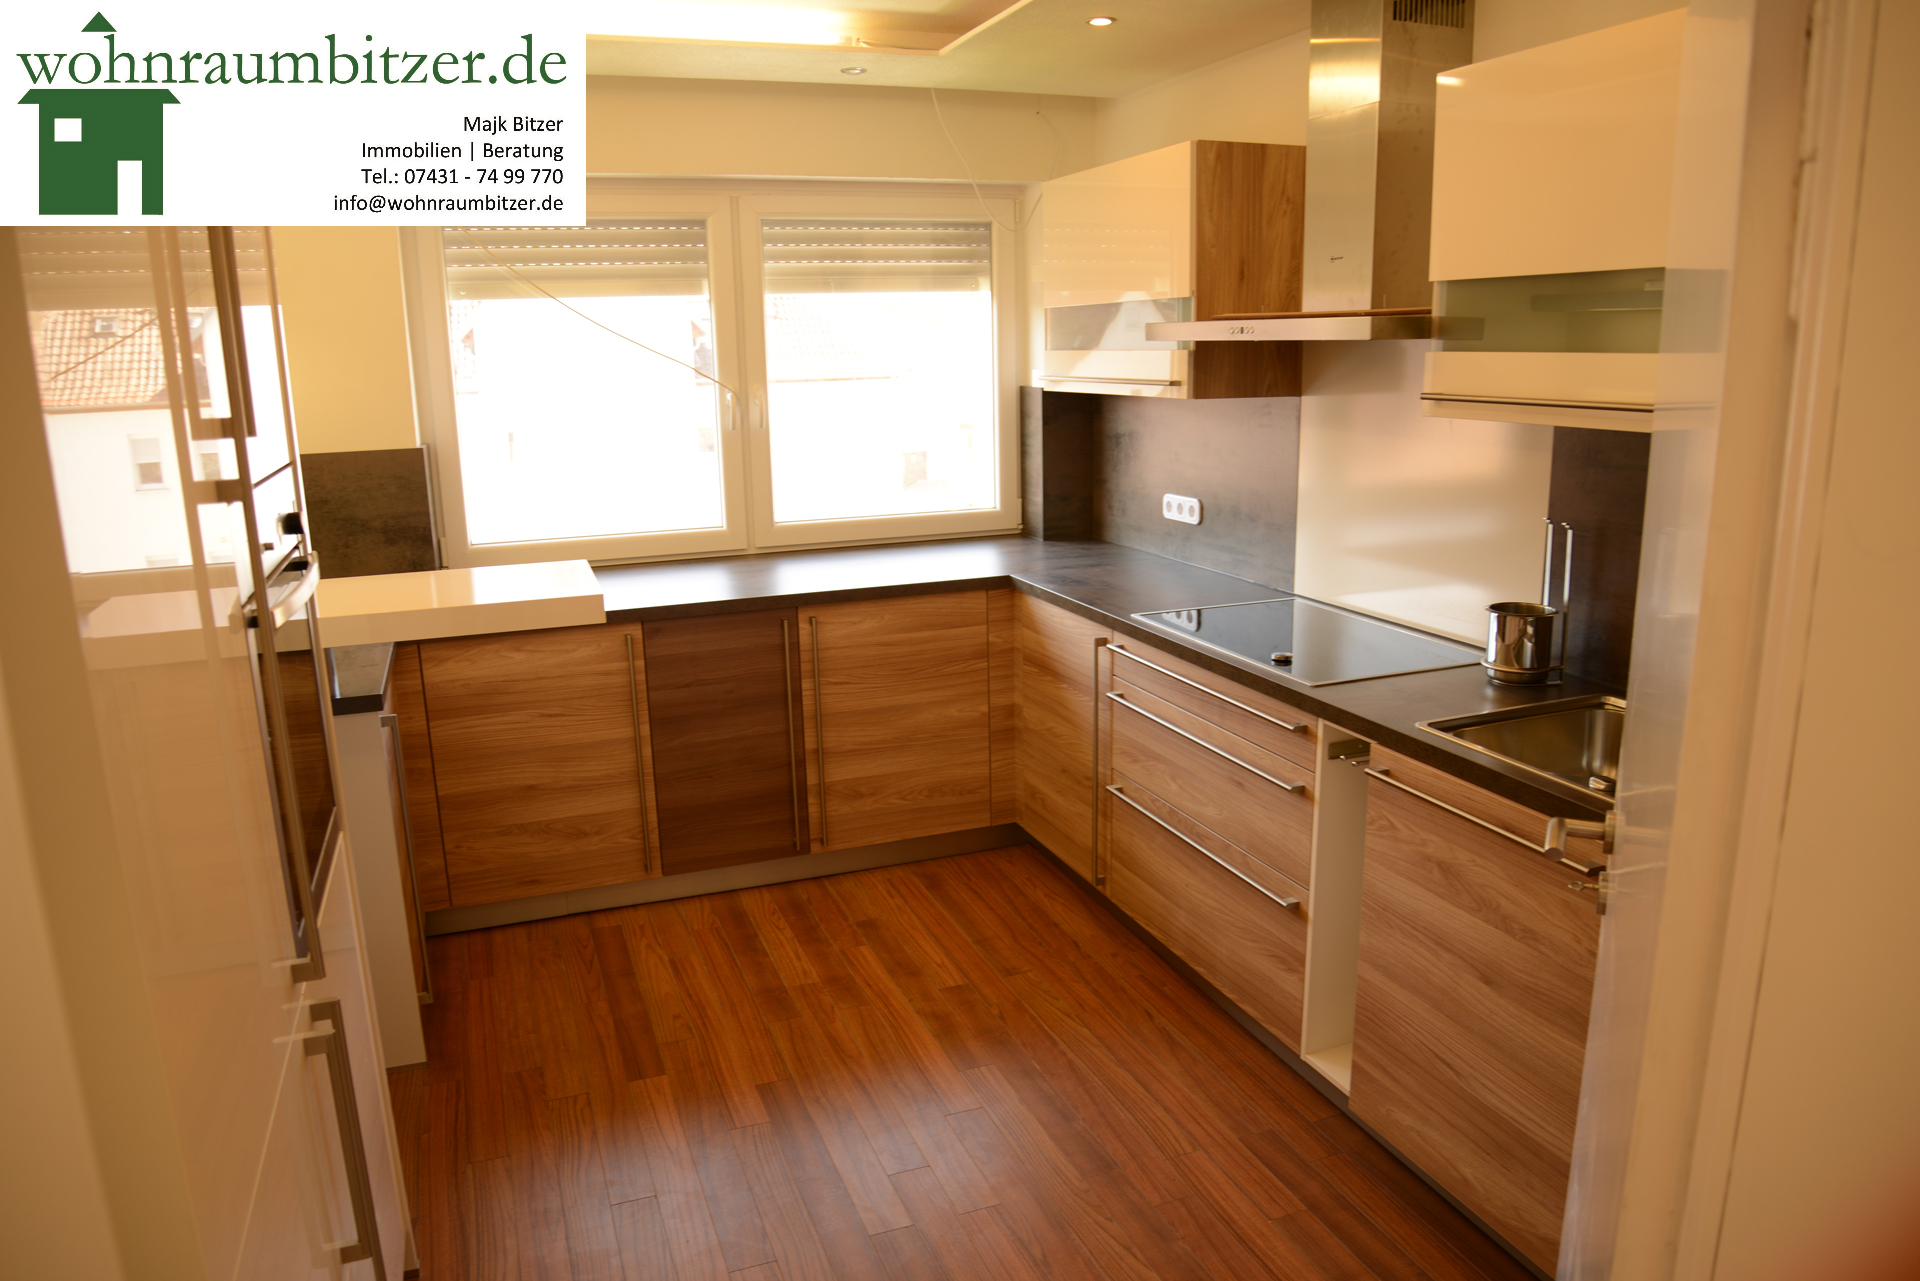 3 Zimmer Wohnung Albstadt Tailfingen - wohnraumbitzer ...